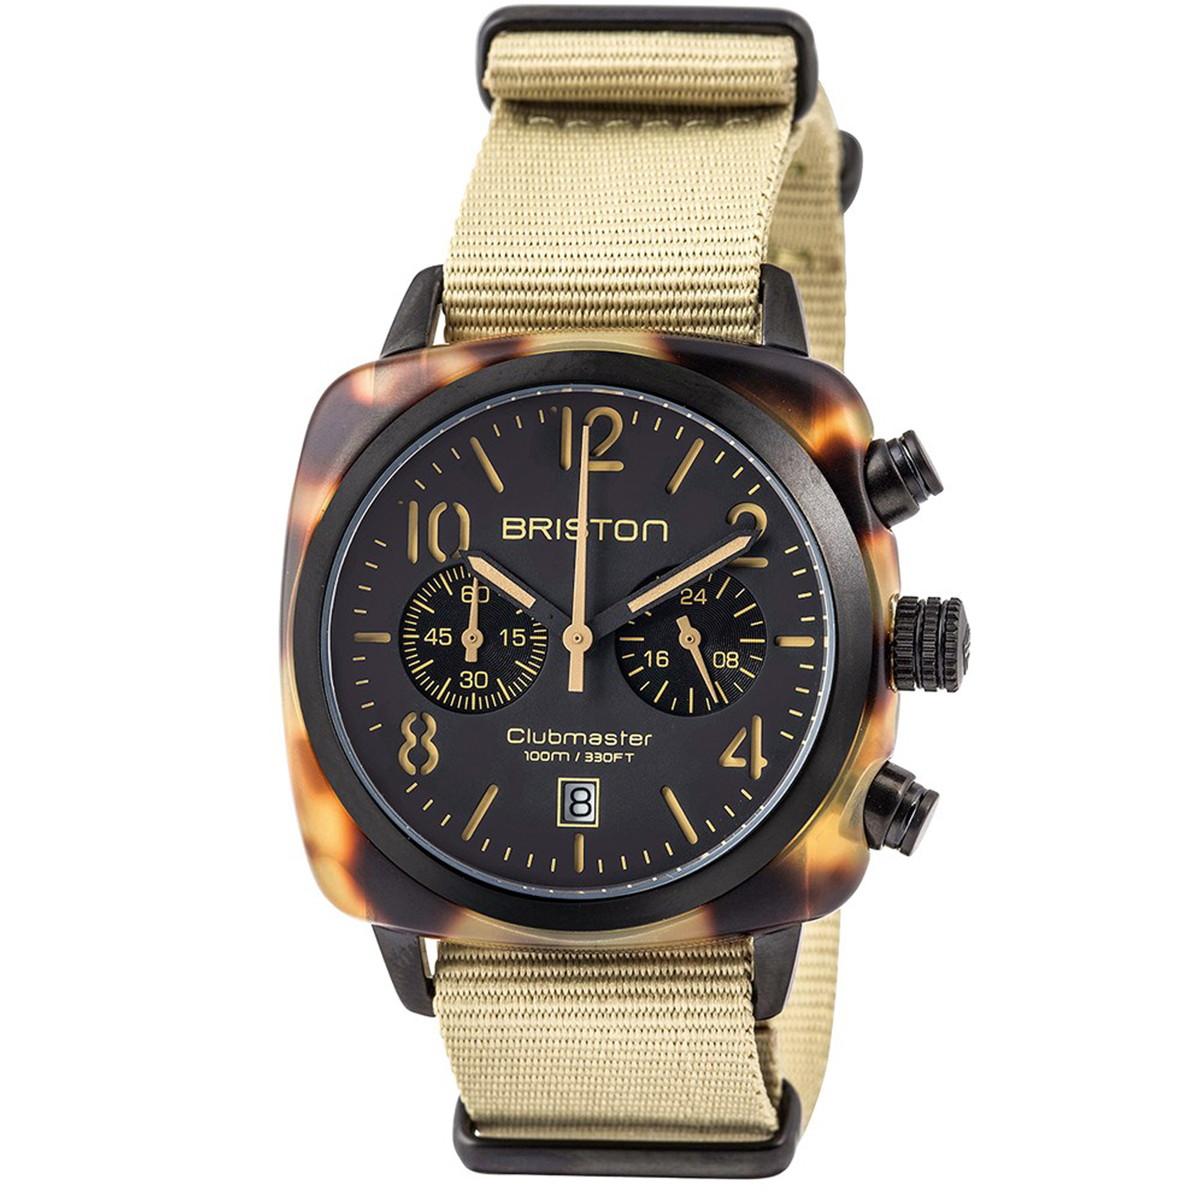 ブリストン BRISTON 公式通販 腕時計 クラブマスタークラシック クロノグラフ CLUBMASTER CLASSIC CHRONOGRAPH SAFARI WATCH